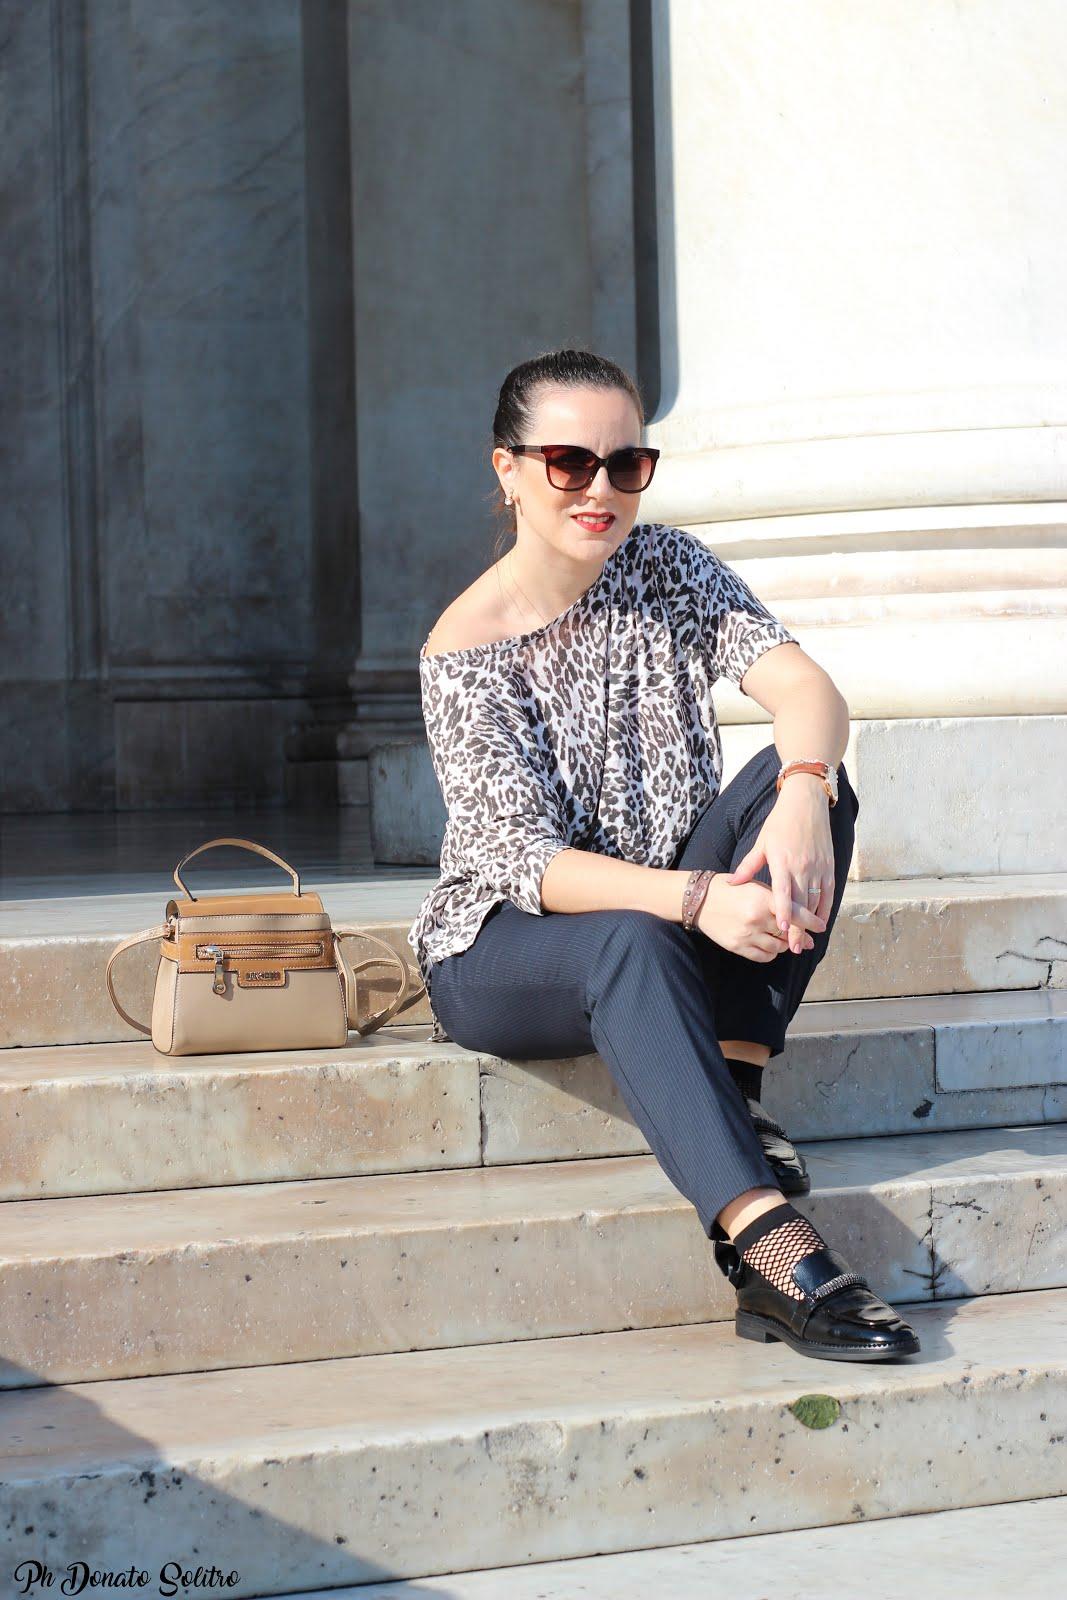 Scarpe che vanno di moda adesso: mocassino MJUS autunno/inverno 2018/2019